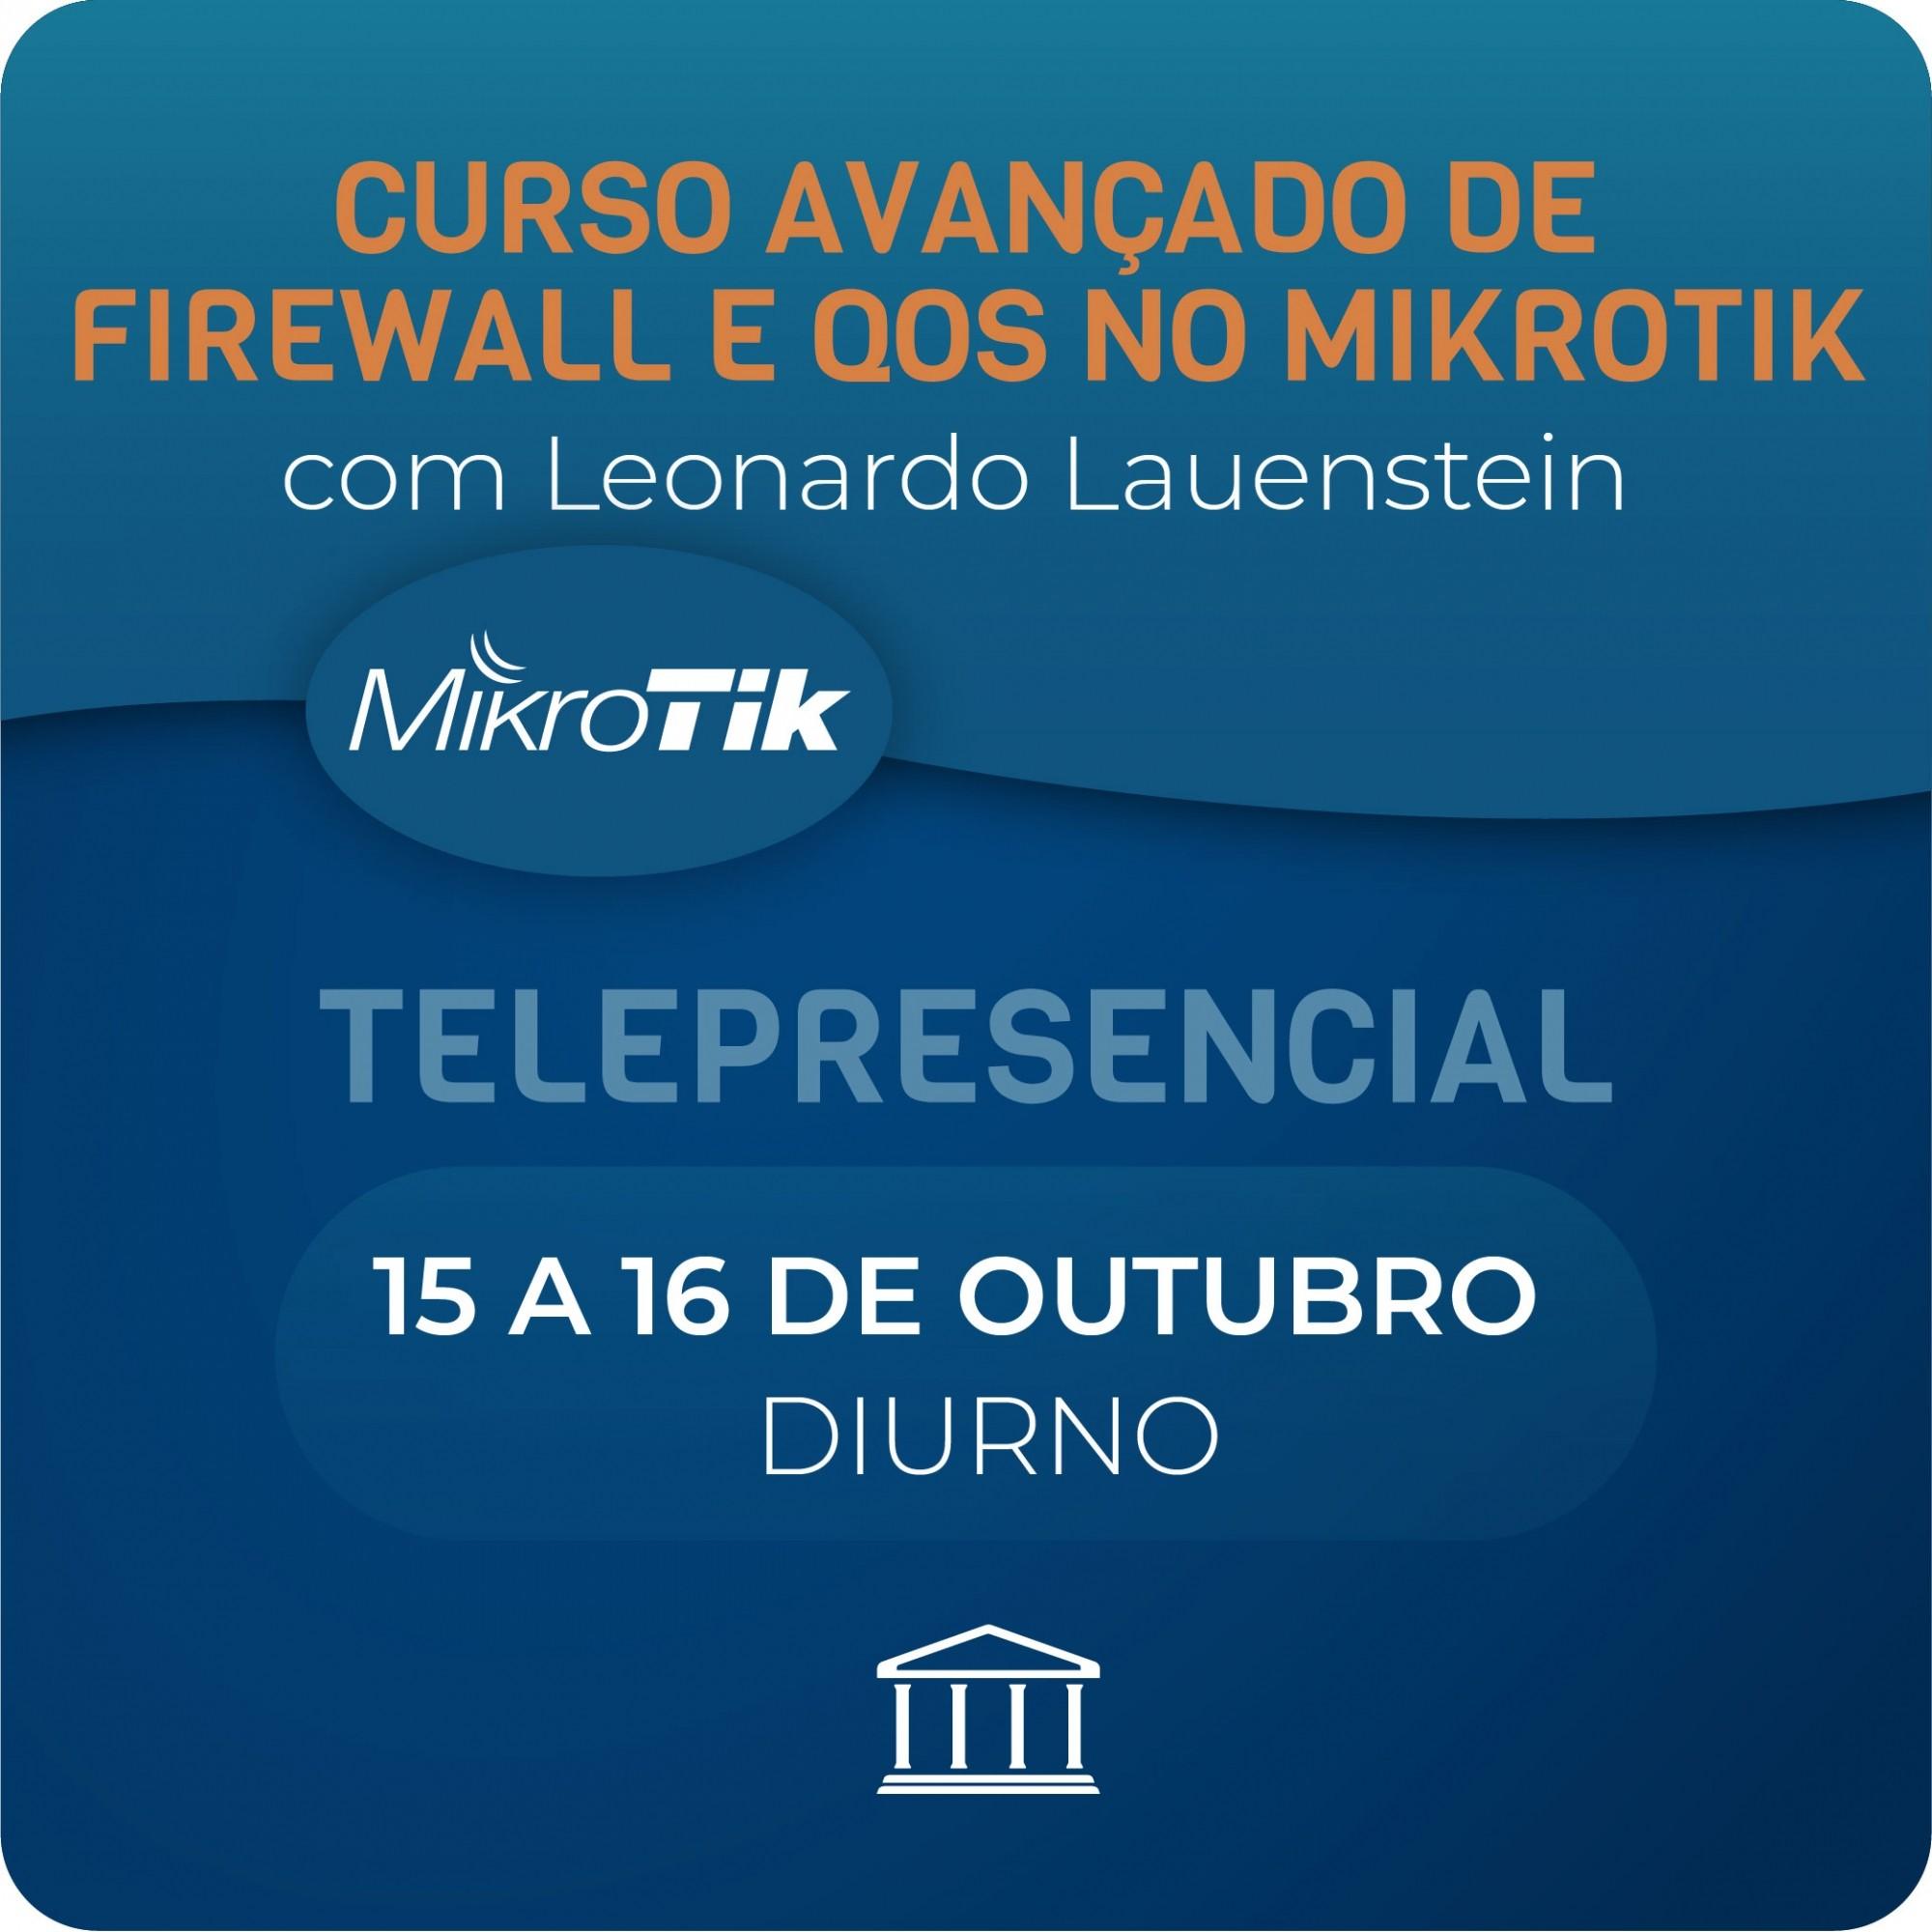 Curso Avançado de Firewall e QoS no Mikrotik  - Voz e Dados